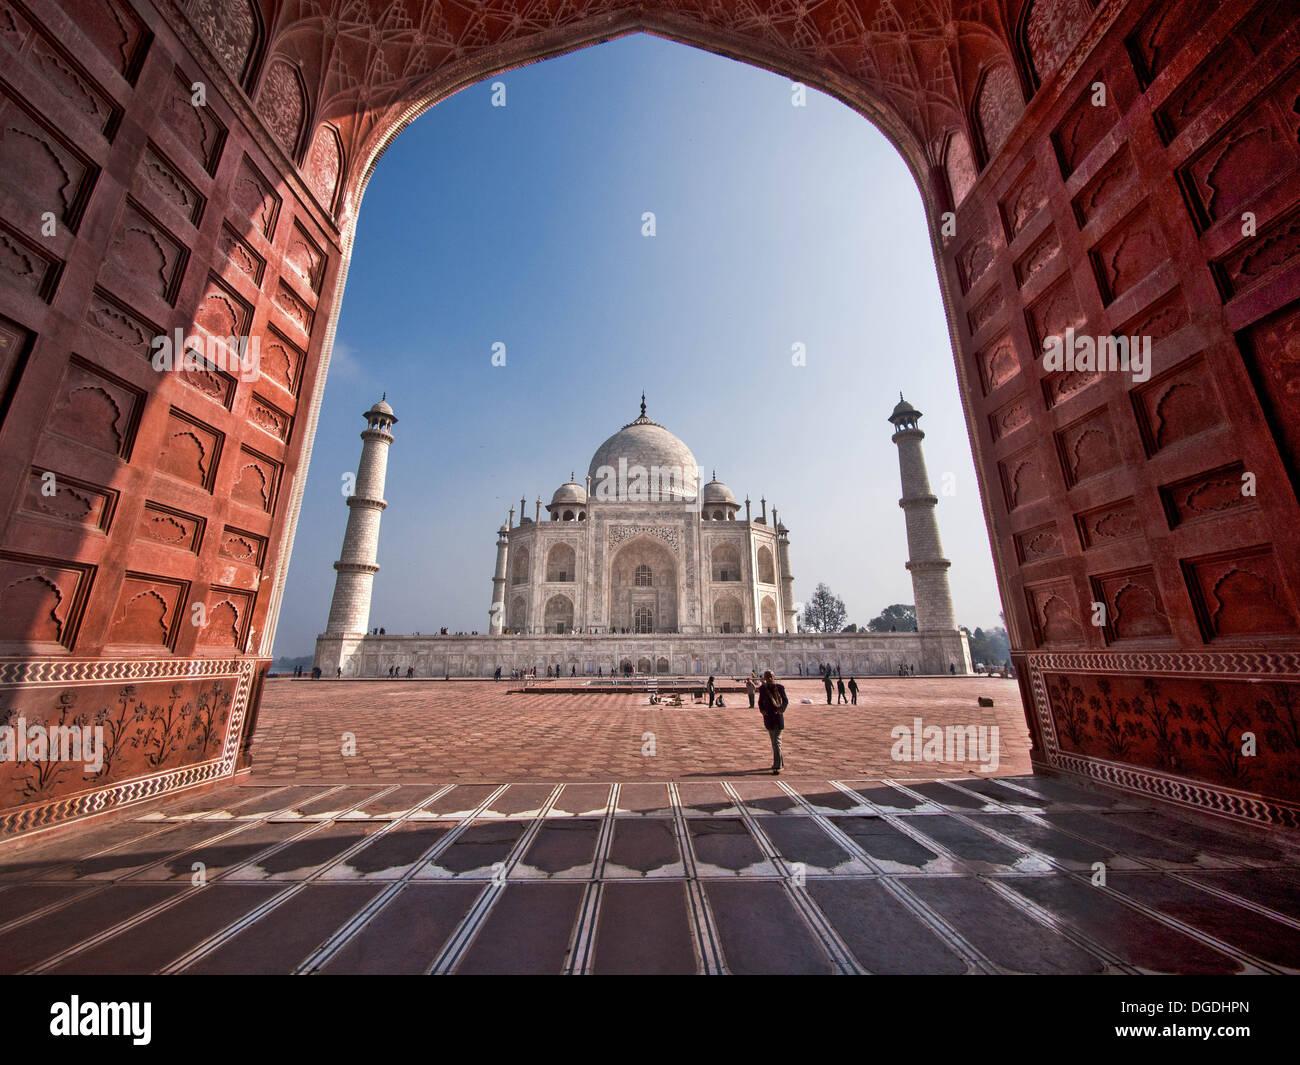 El mundialmente famoso Taj Mahal en Agra, Uttar Pradesh, India. Imagen De Stock